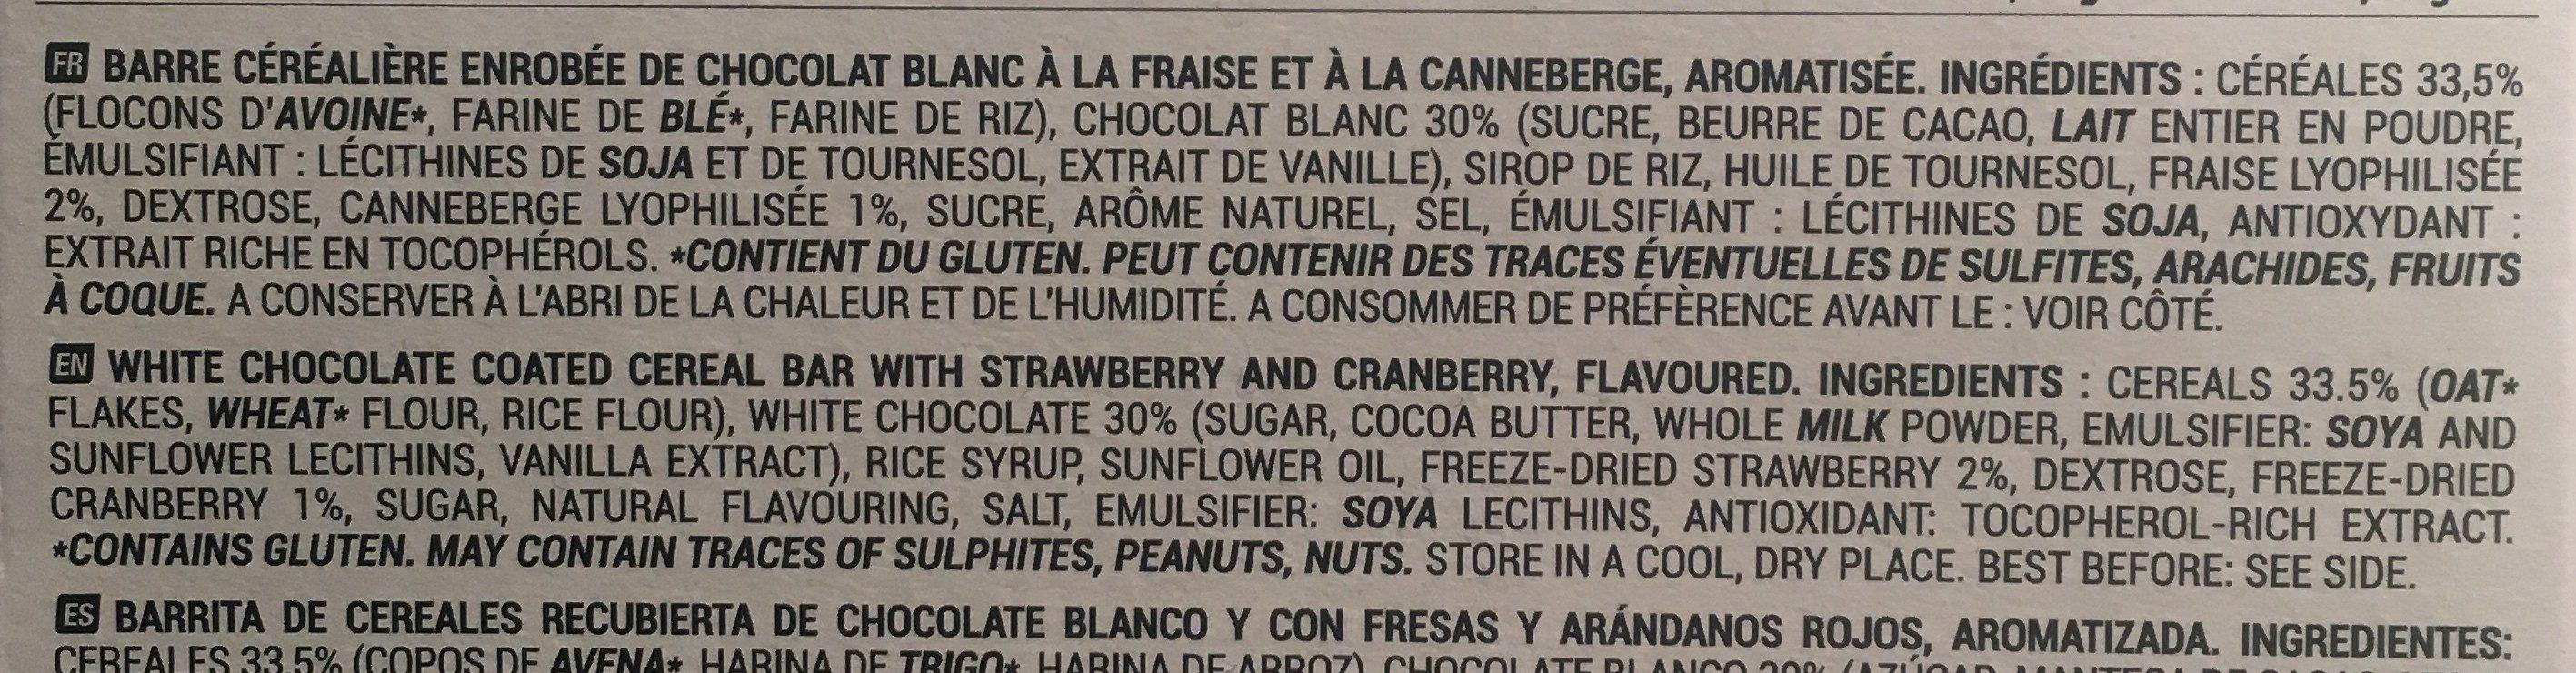 Choco cereal bar - Ingrediënten